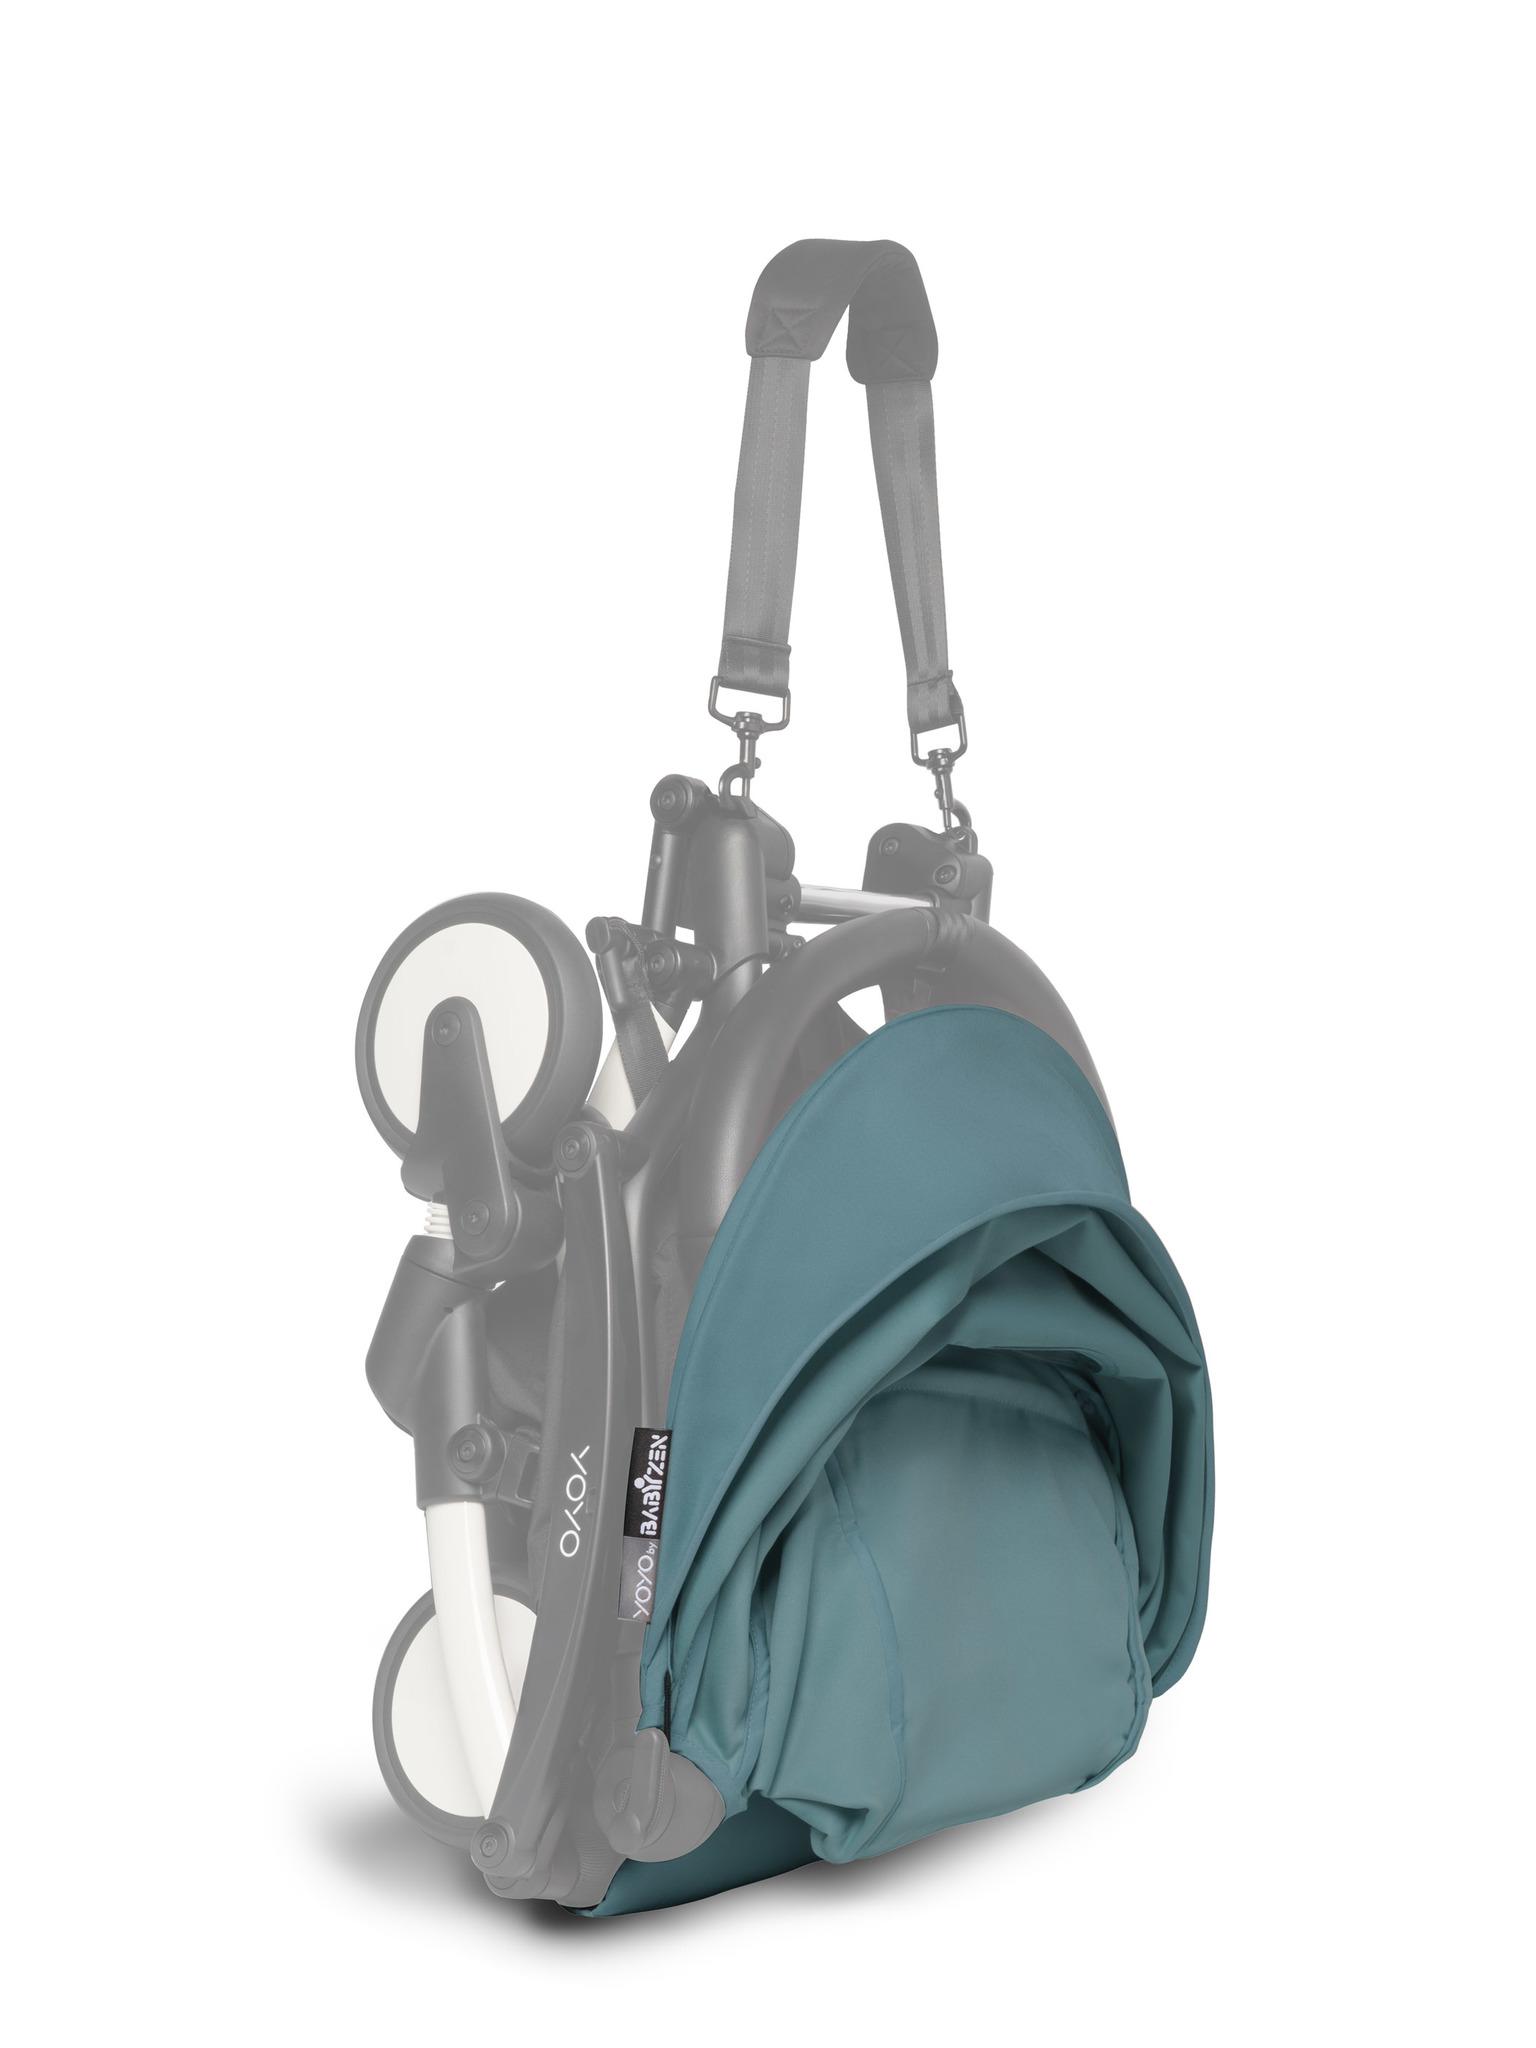 Текстиль сменный для колясок YoYo+ 6+ Aqua Аква